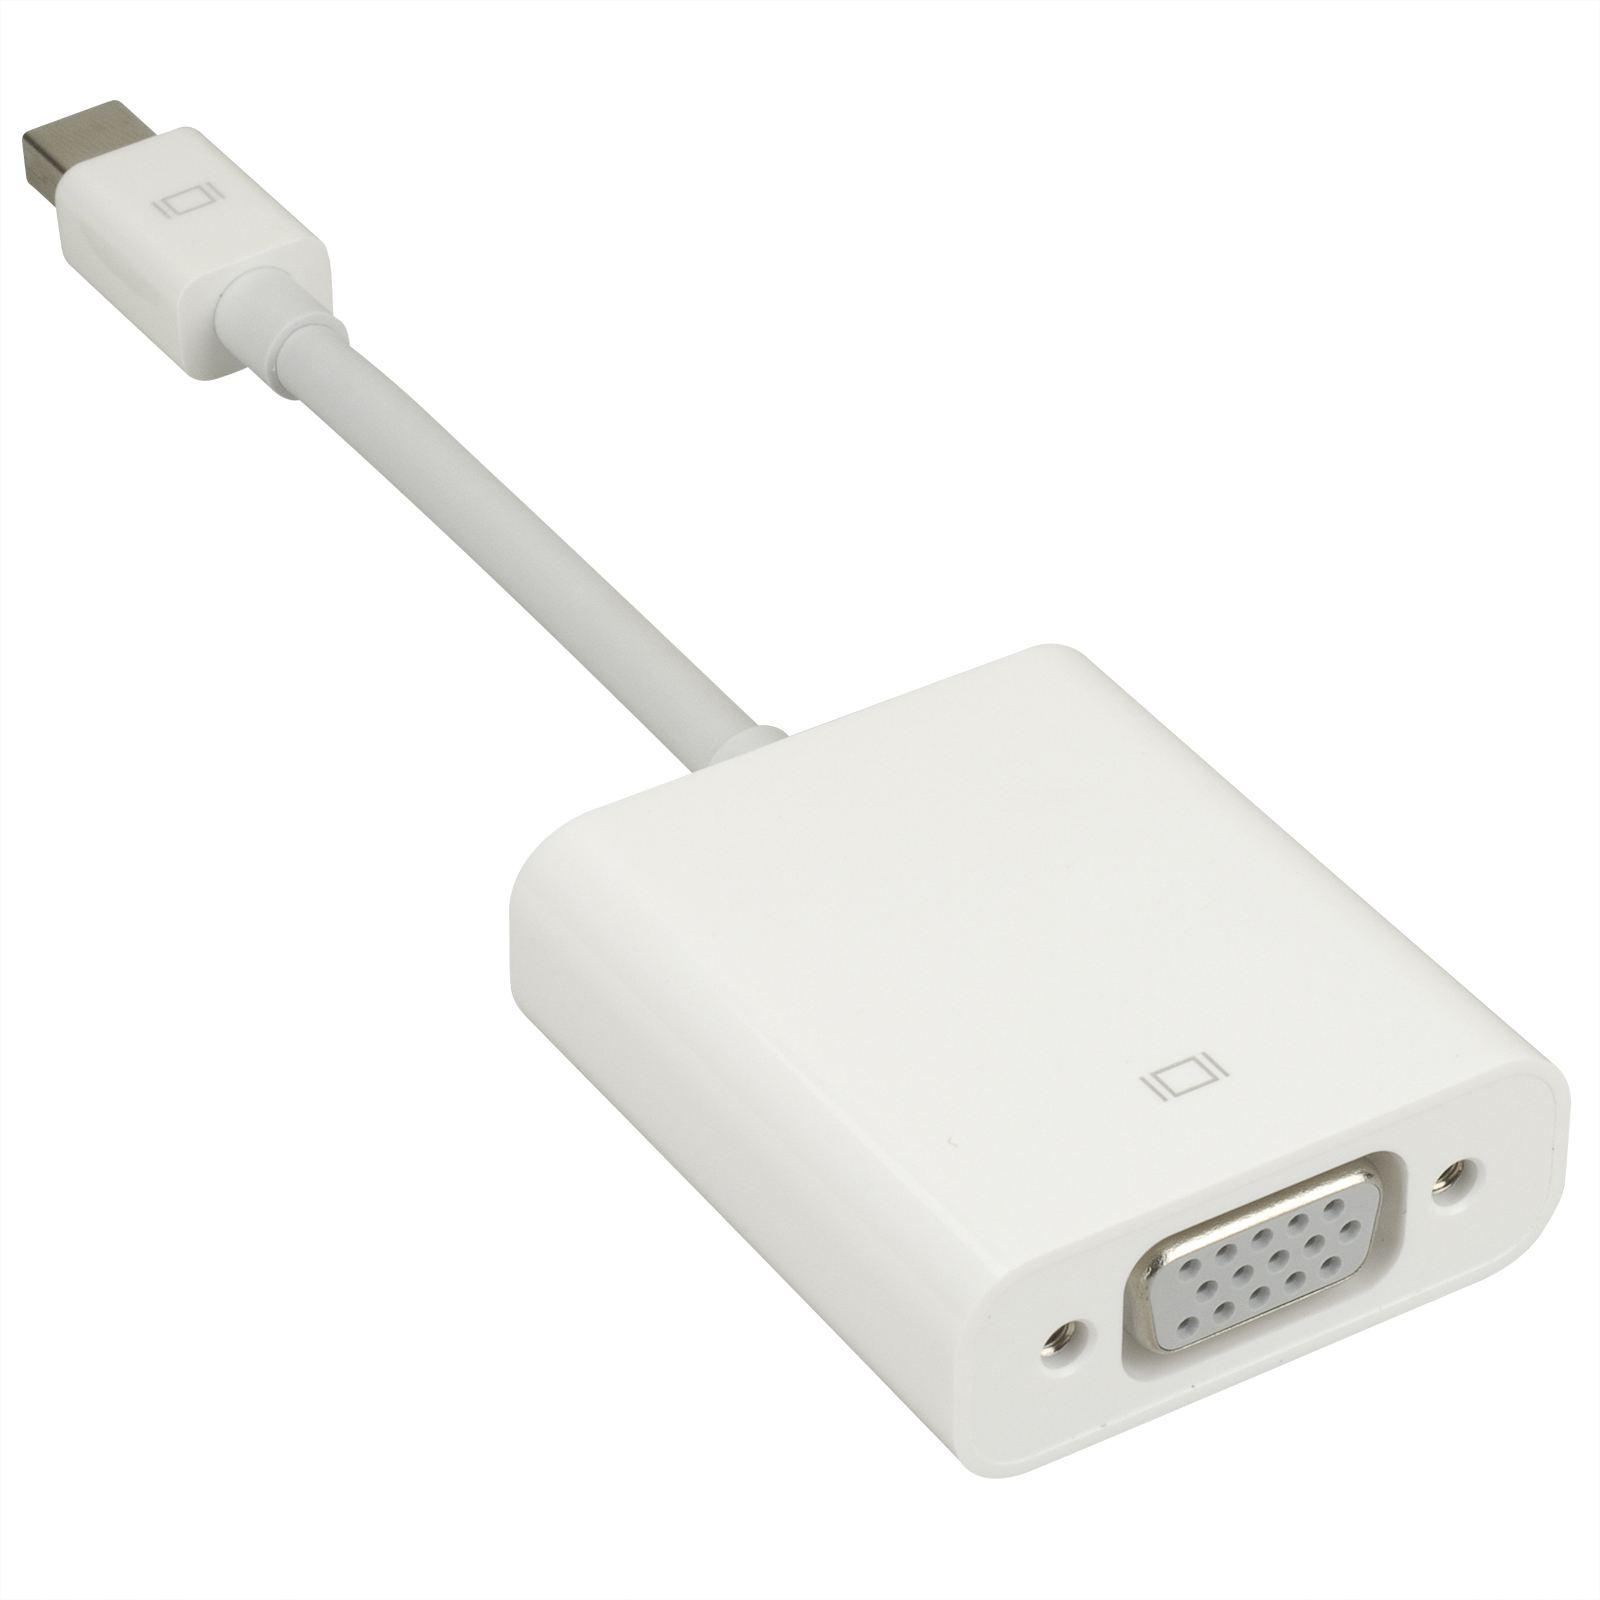 Cáp Chuyển Apple Mini Display Port To VGA MB572Z/B